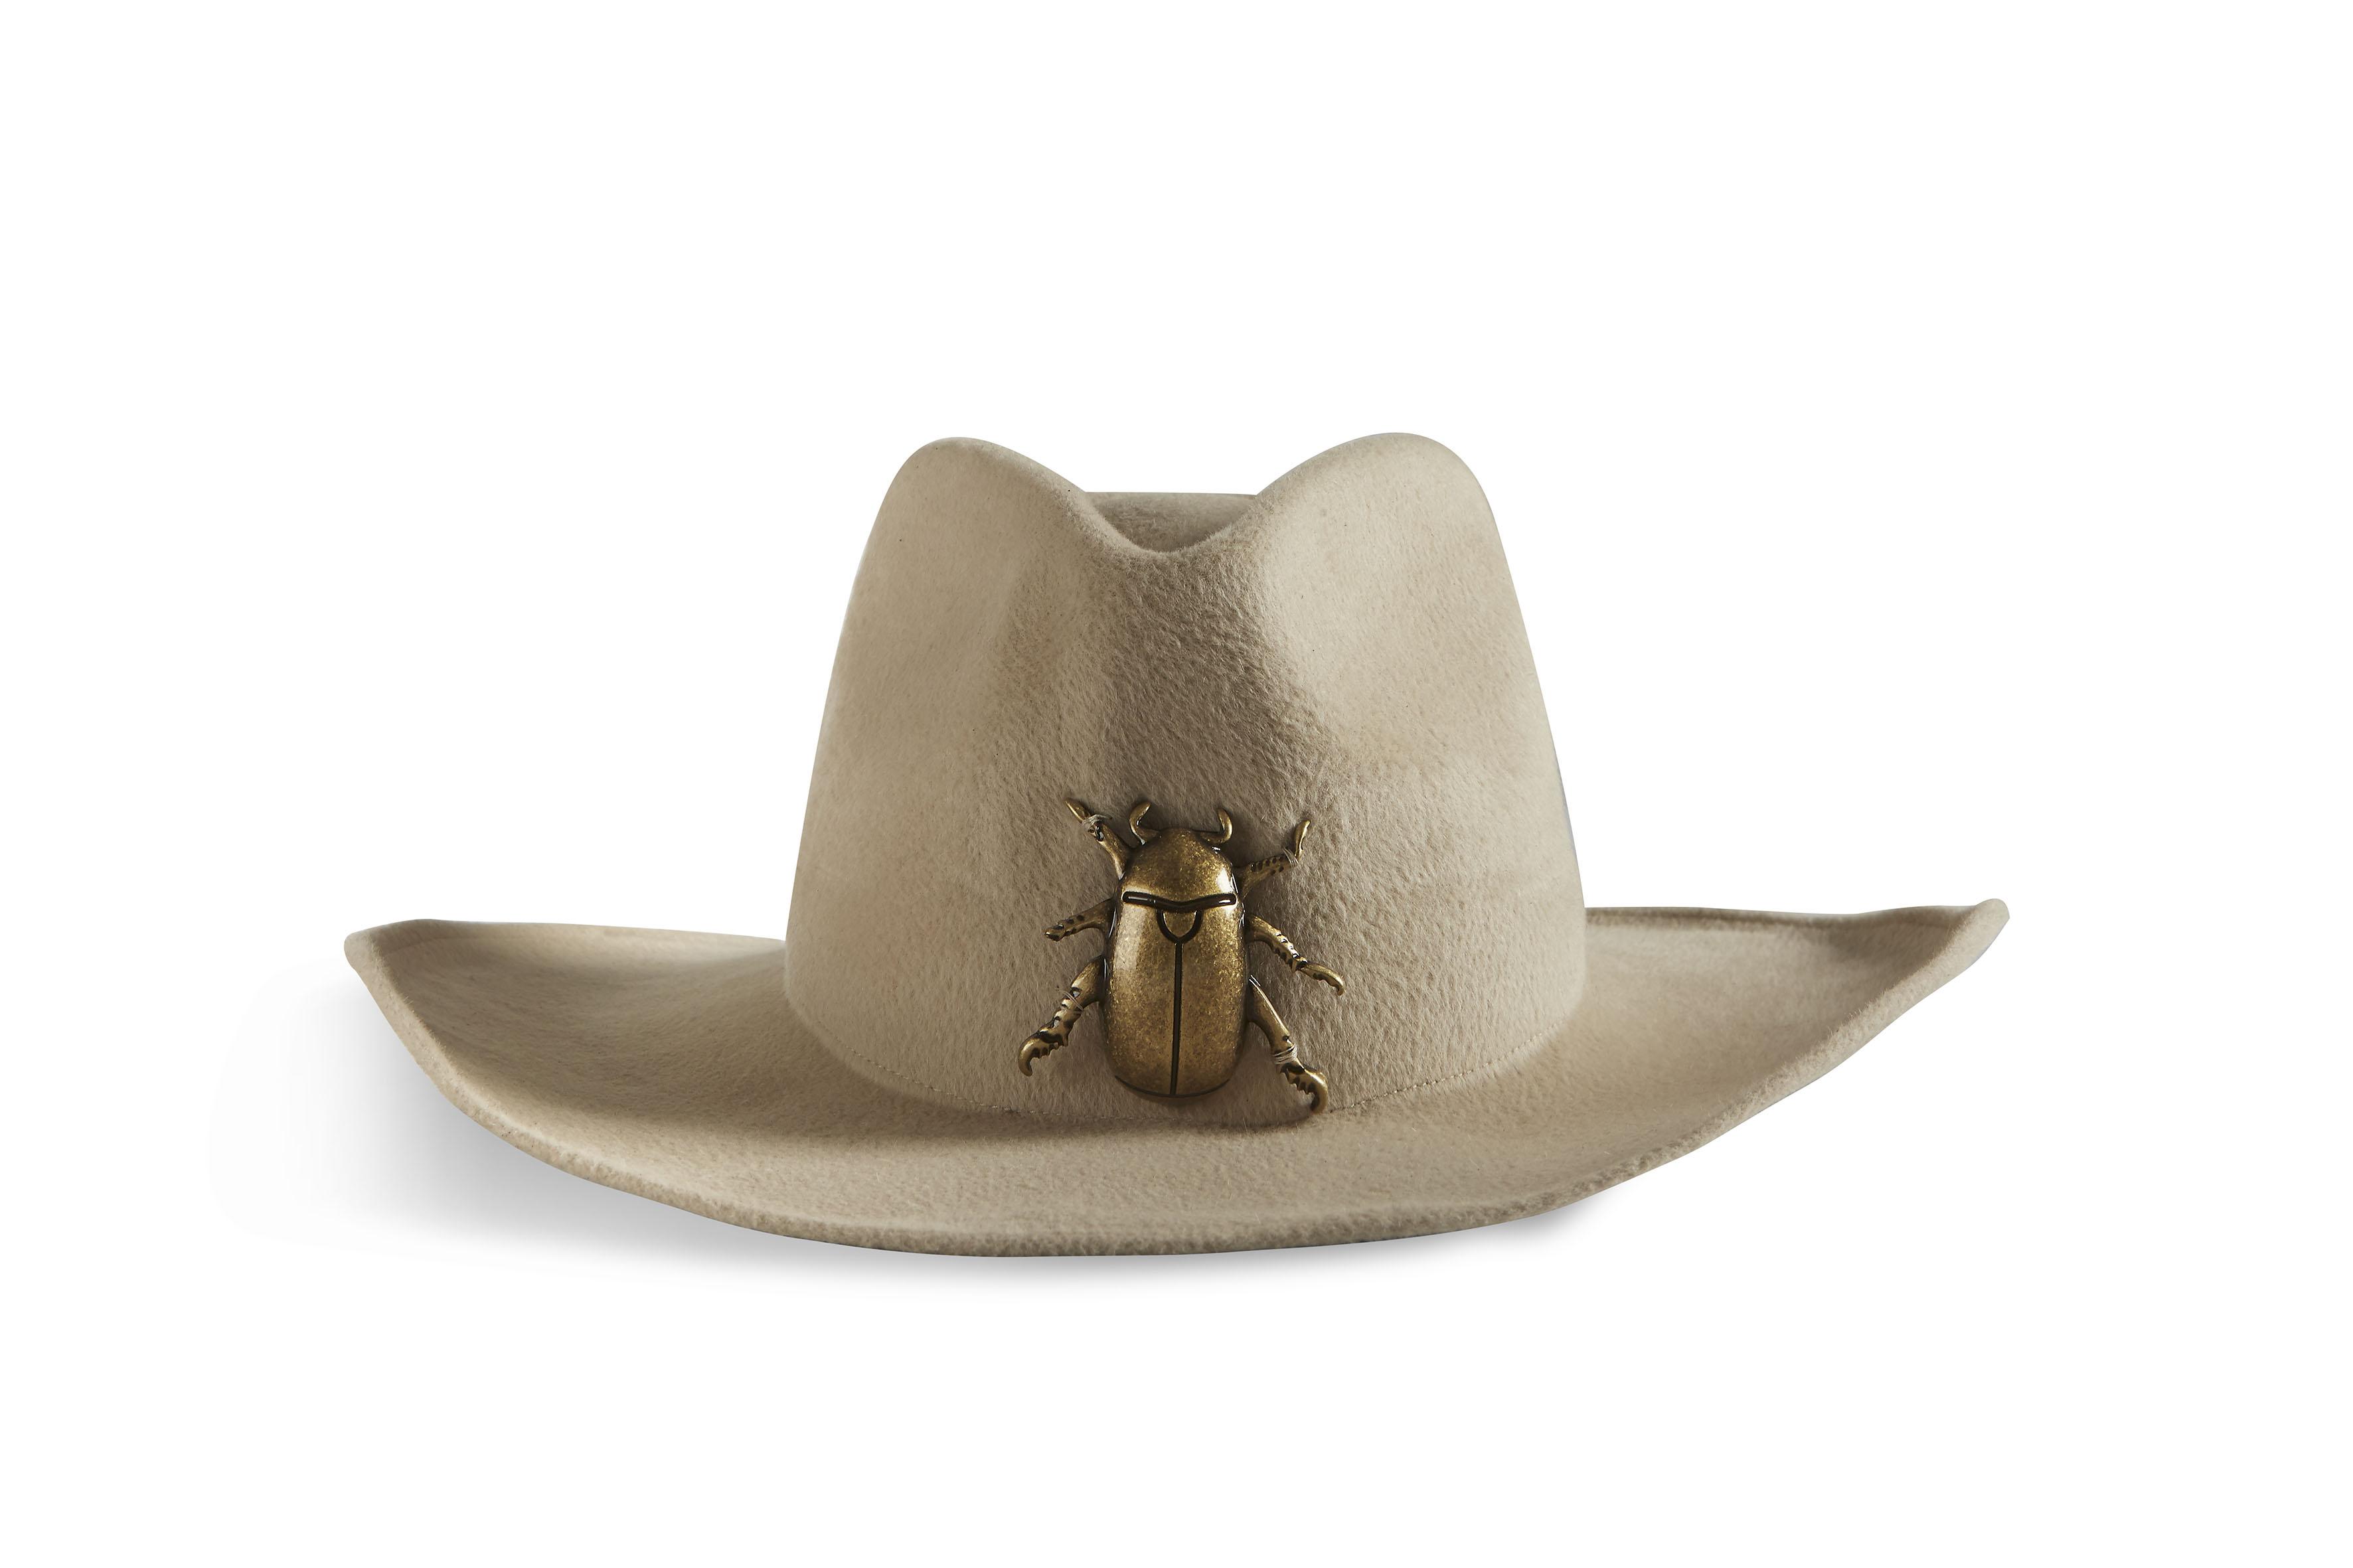 Cowboyhut mit Skarabäus von Montegallo